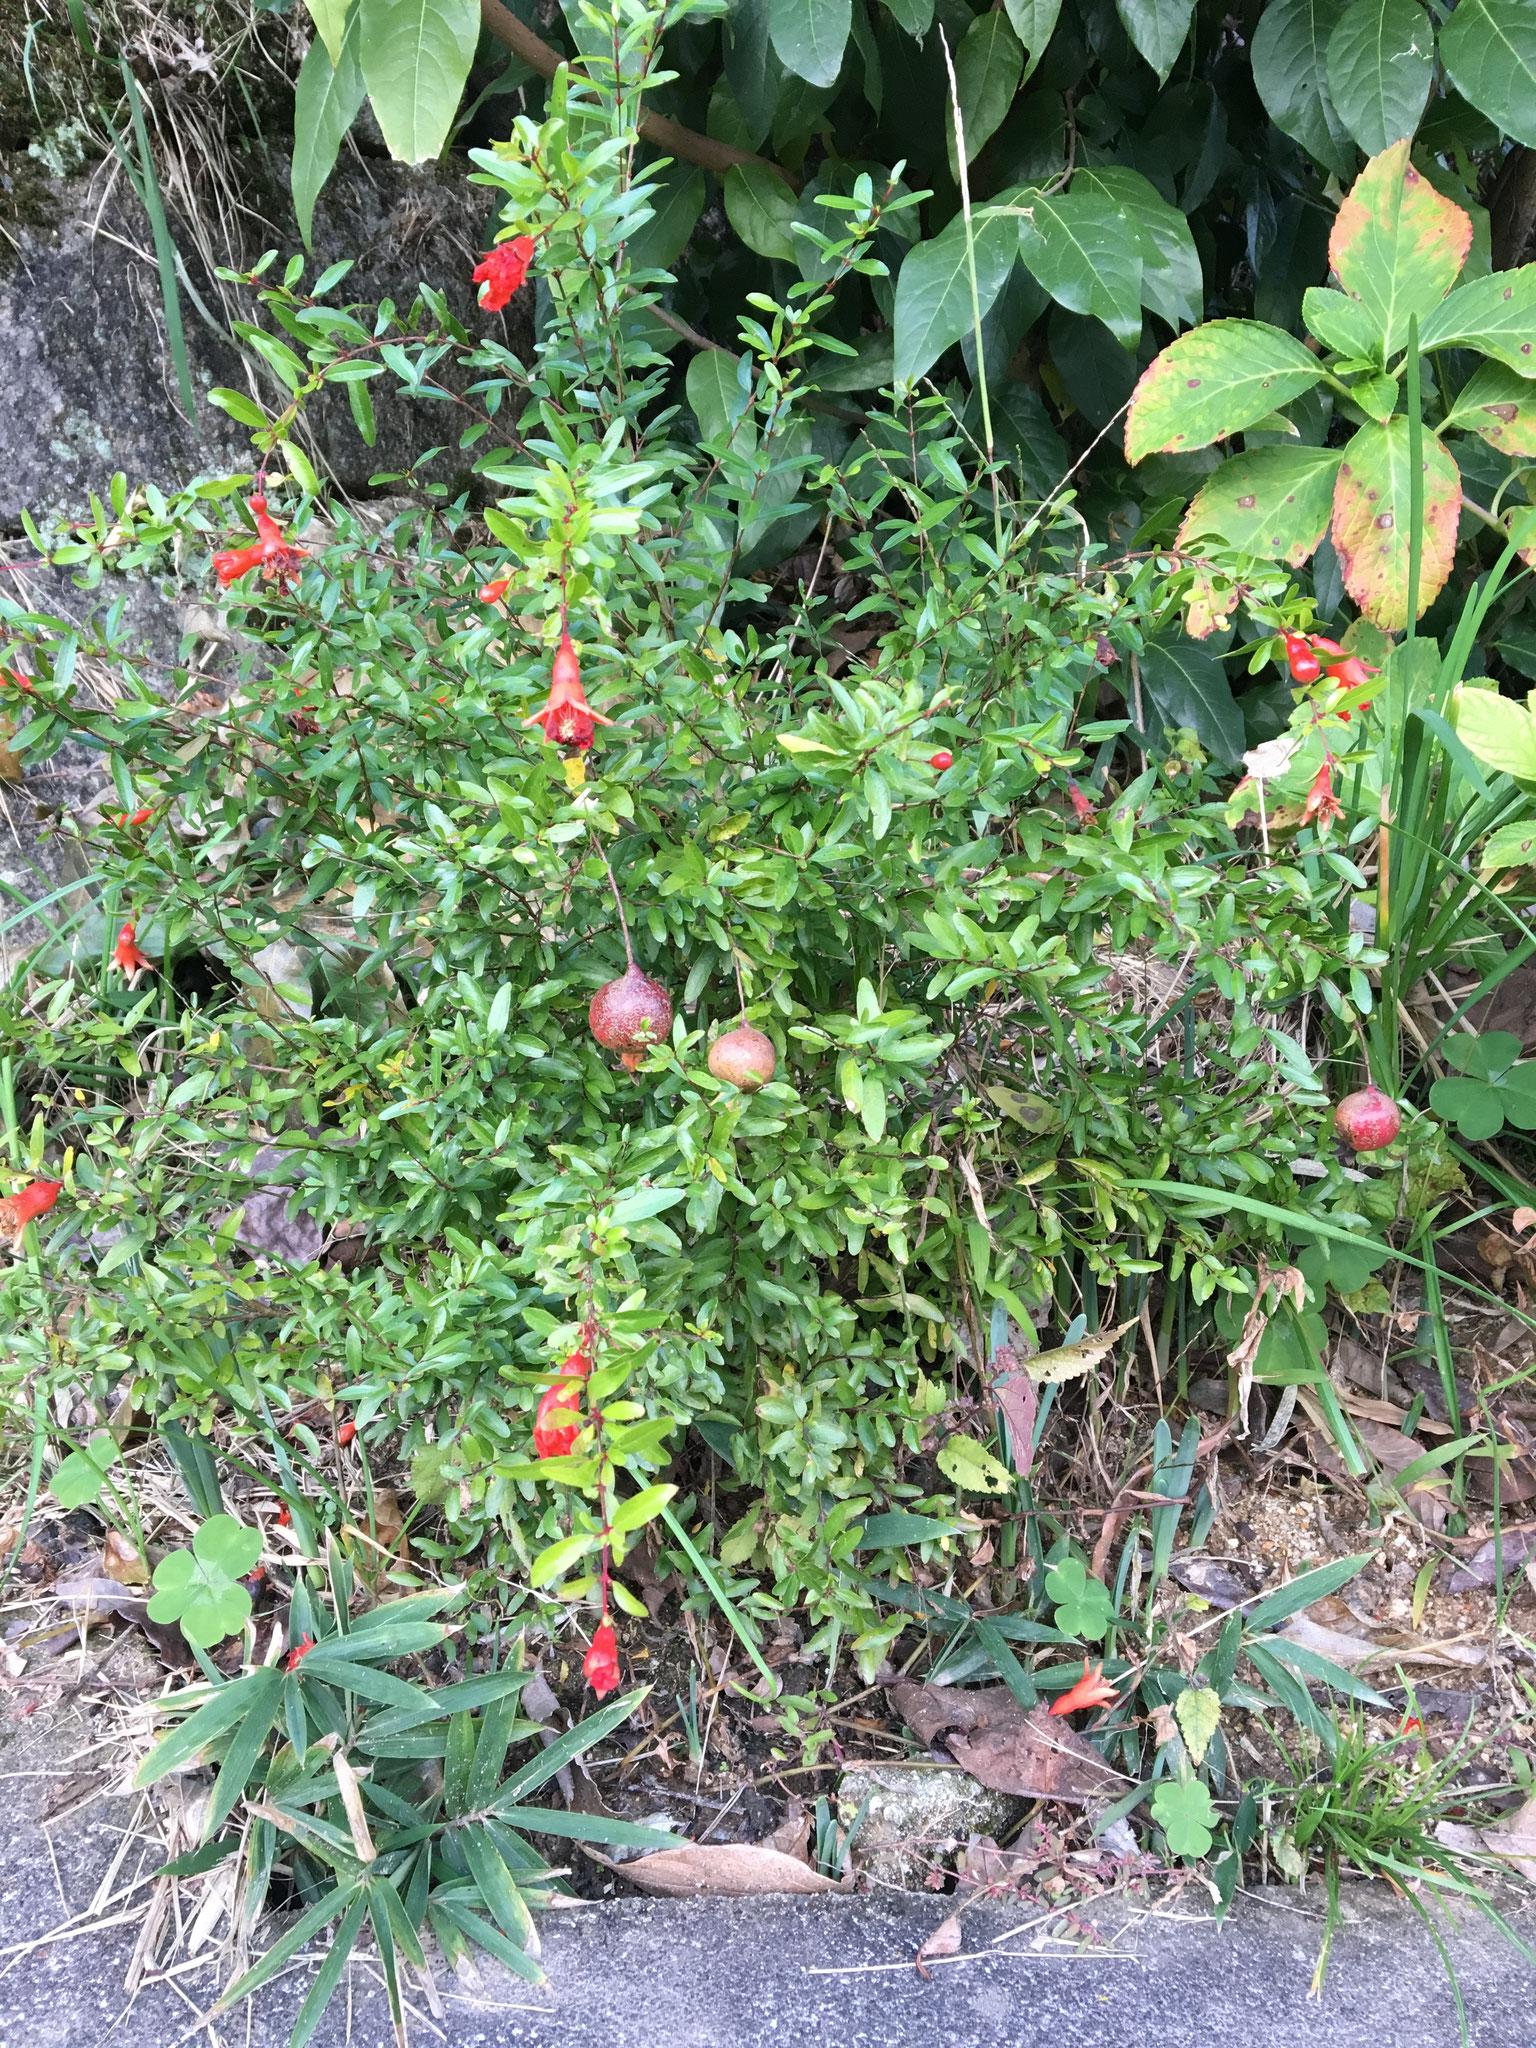 秋:盆栽柘榴。食べれるかどうかは未確認。